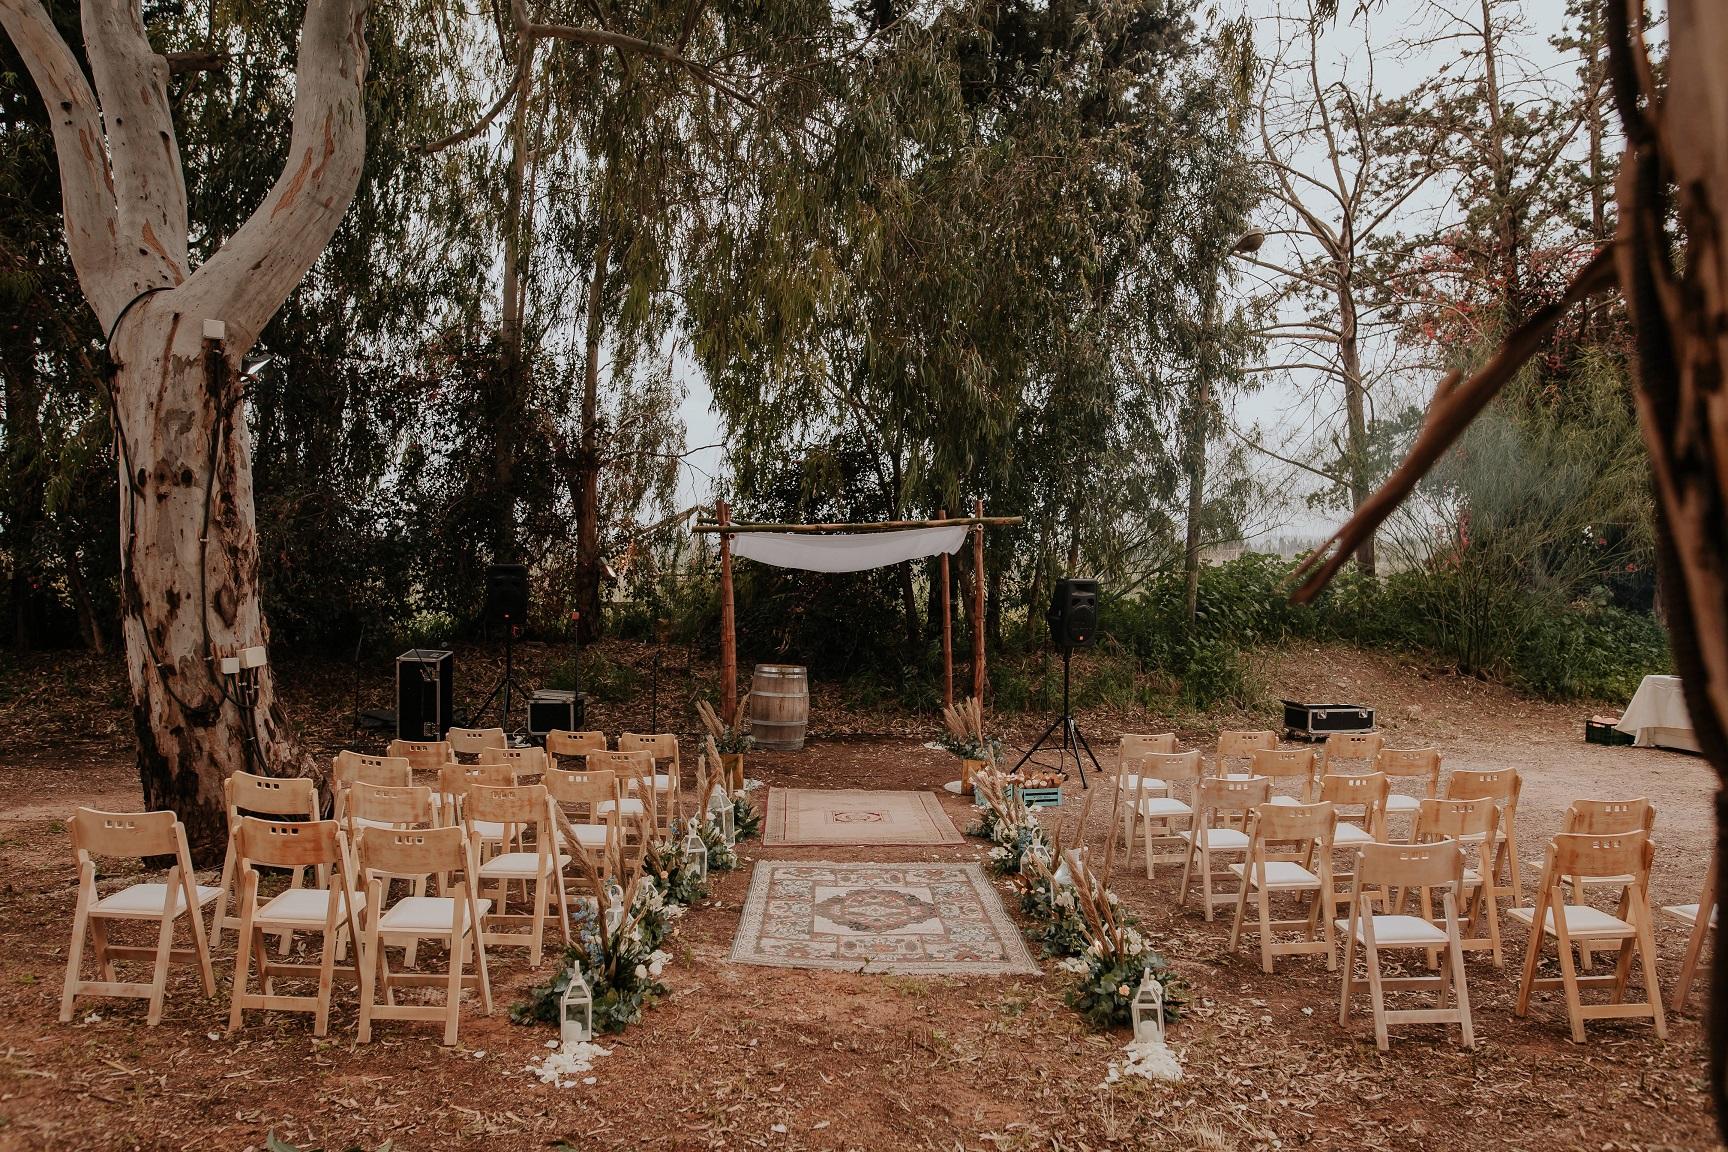 כששני עולמות נפגשים: החתונה הדתית-חילונית של אופיר ואיתמר